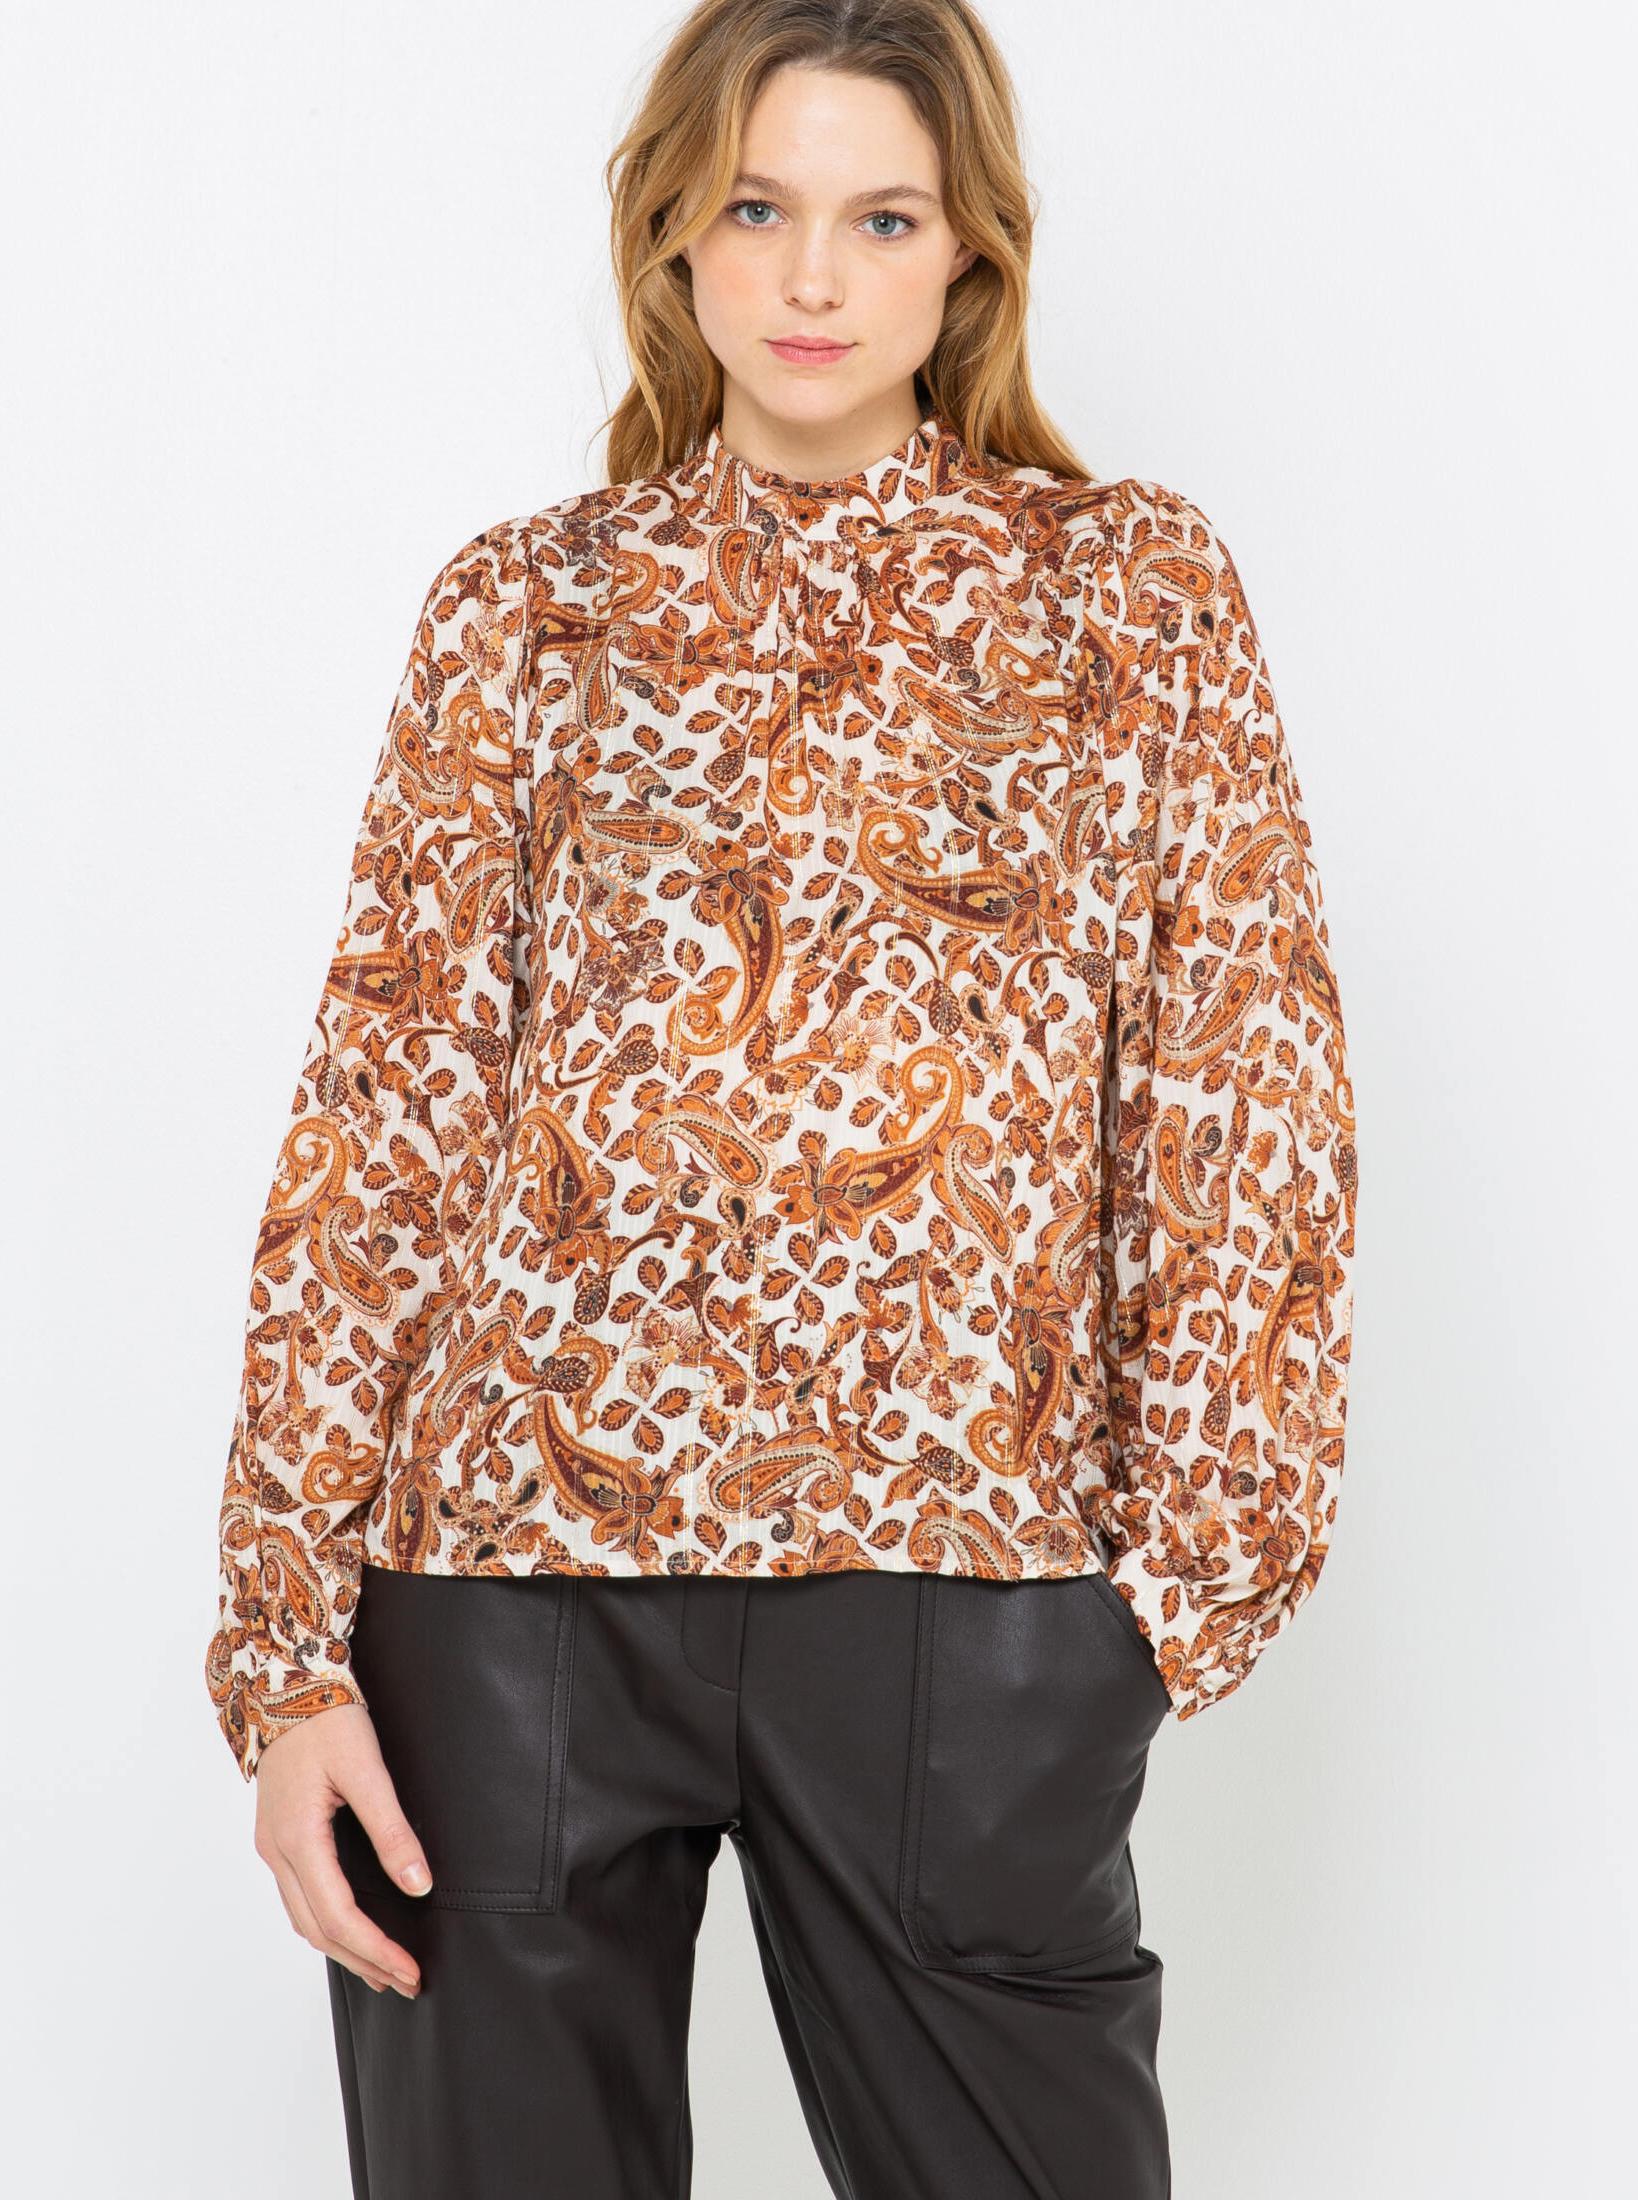 CAMAIEU brown blouse with pattern